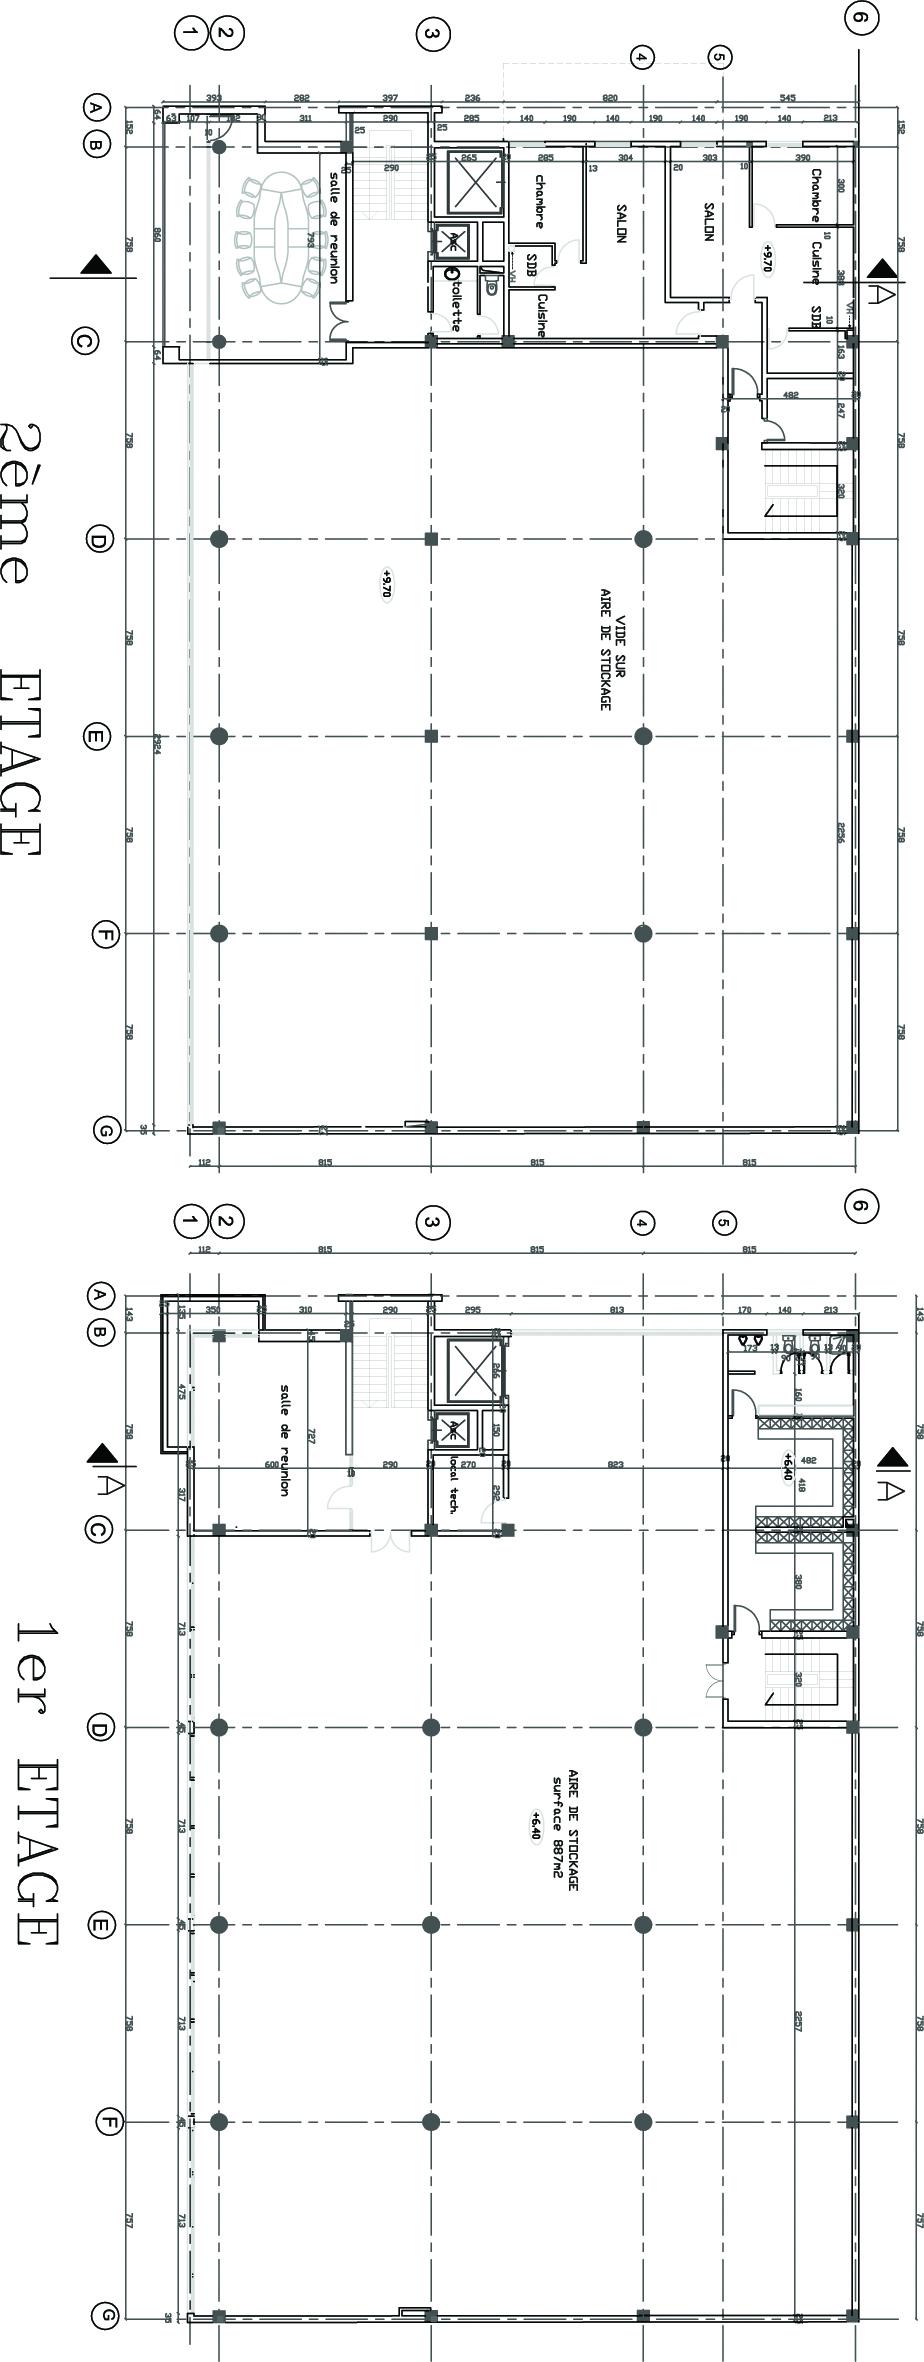 I:\archives dessins 1\projets en cours3\dossier unités indus